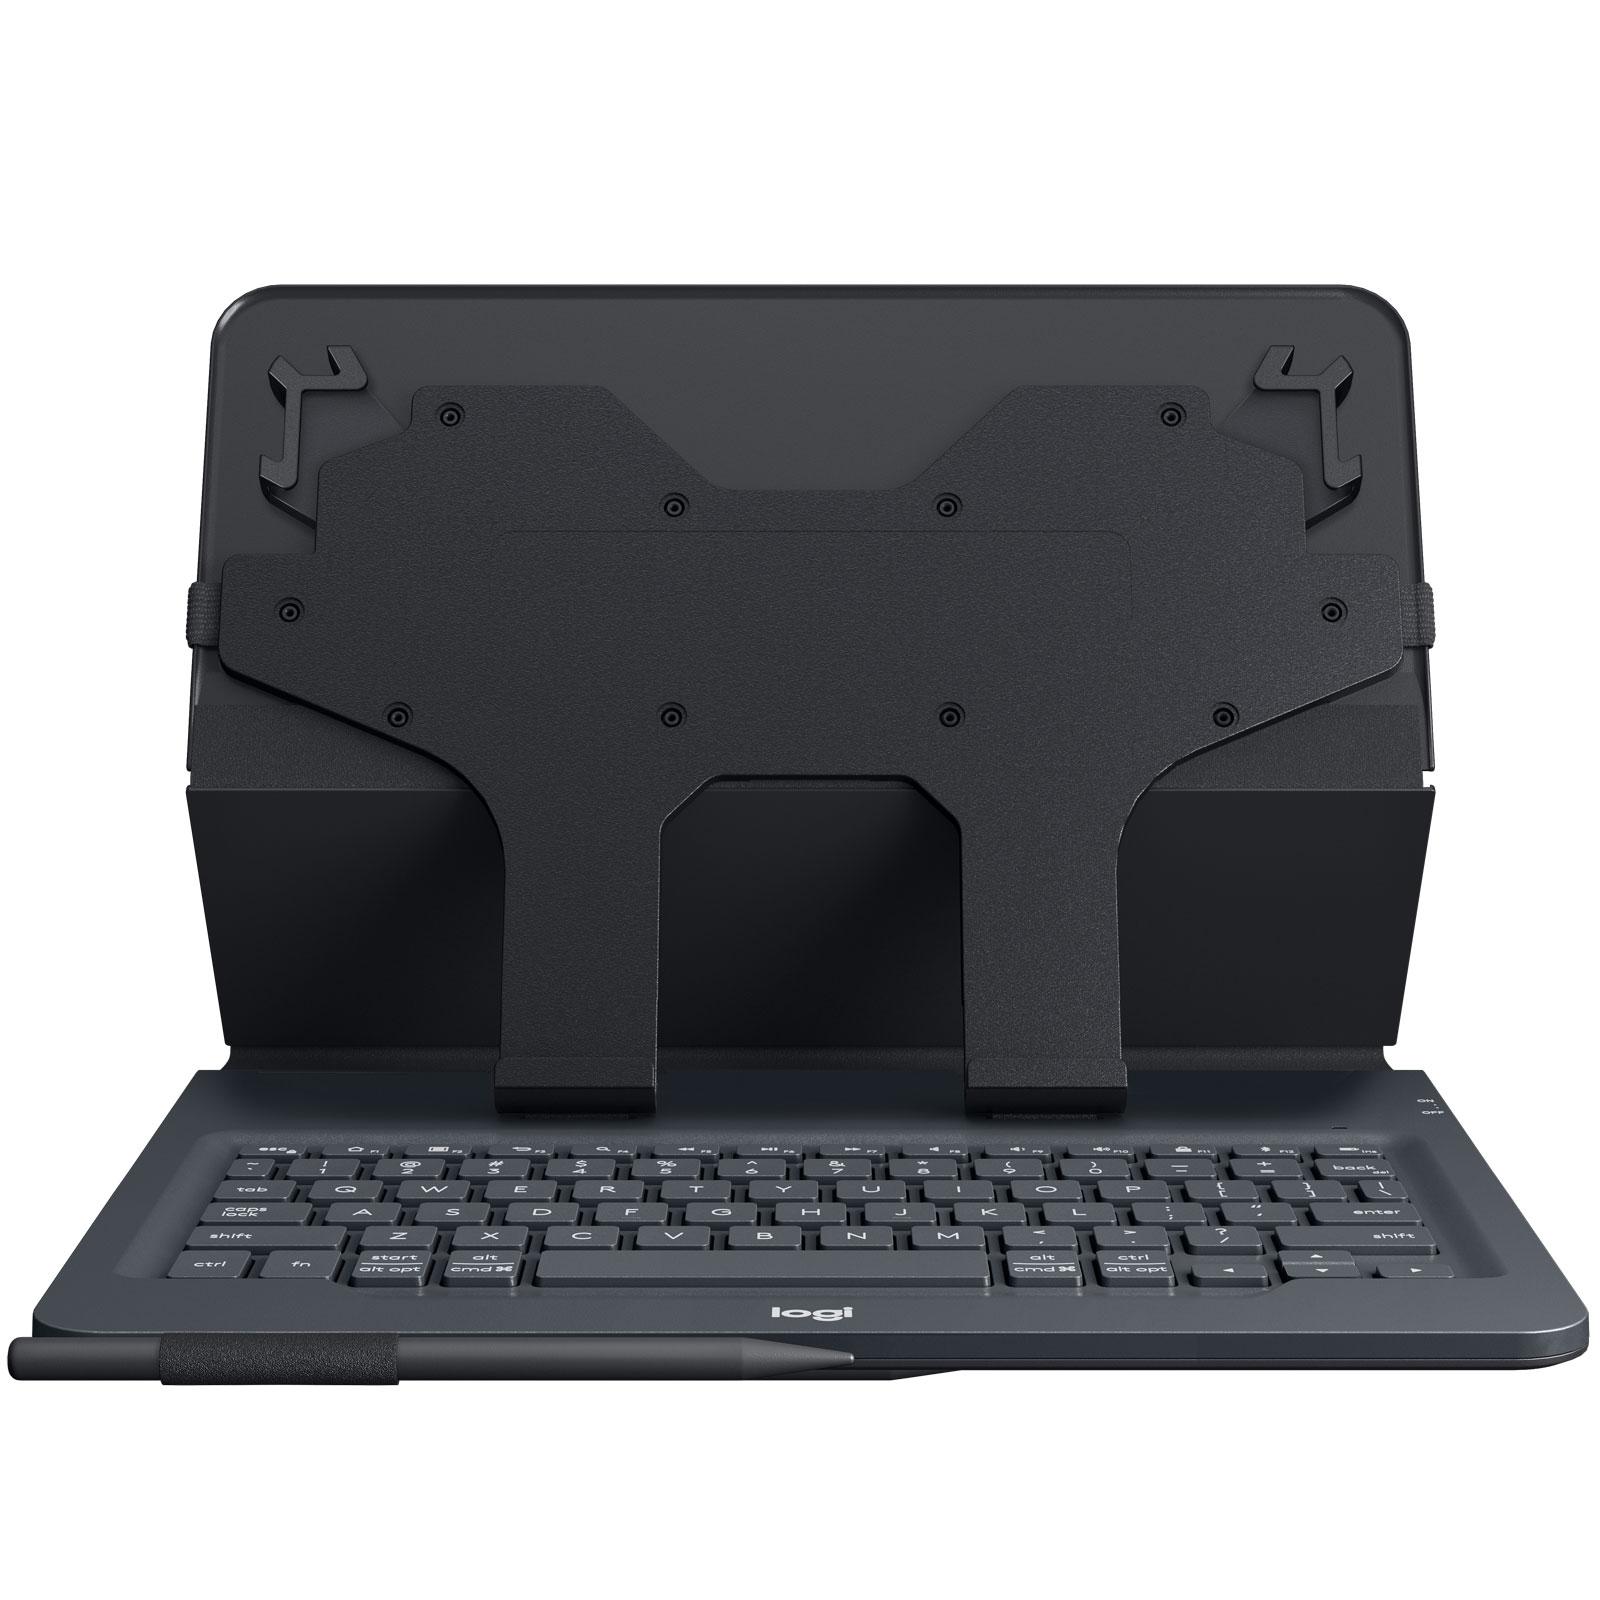 Etui UNIVERSAL FOLIO avec clavier intégré - Accessoire tablette - 0